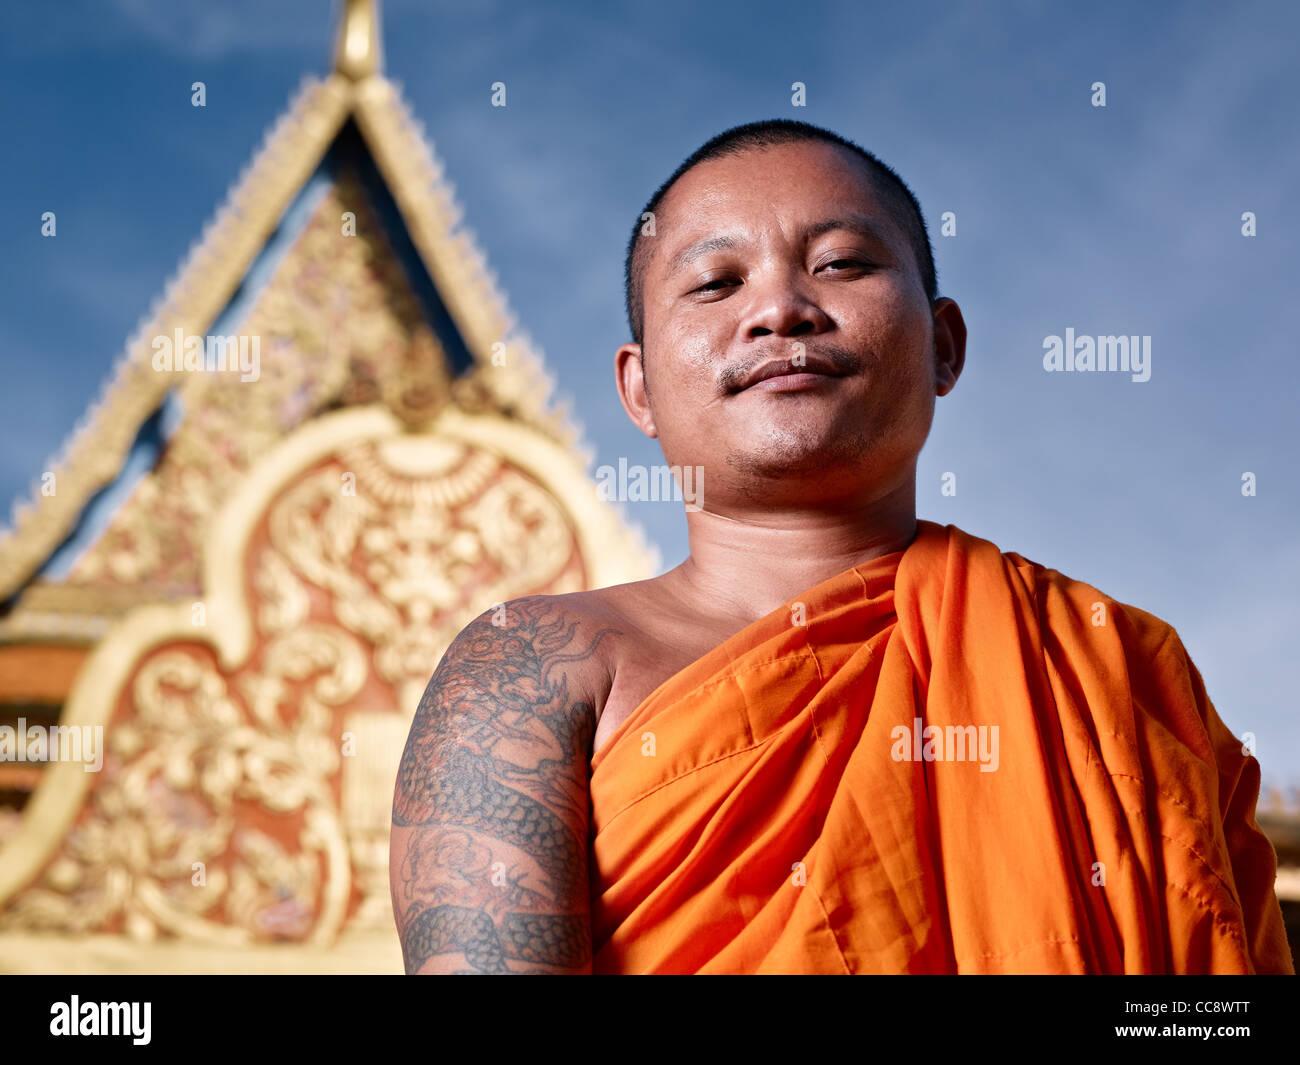 Mitte adult Asian Mönch lächelnd in die Kamera im buddhistischen Kloster, Phnom Penh, Kambodscha, Asien. Stockbild